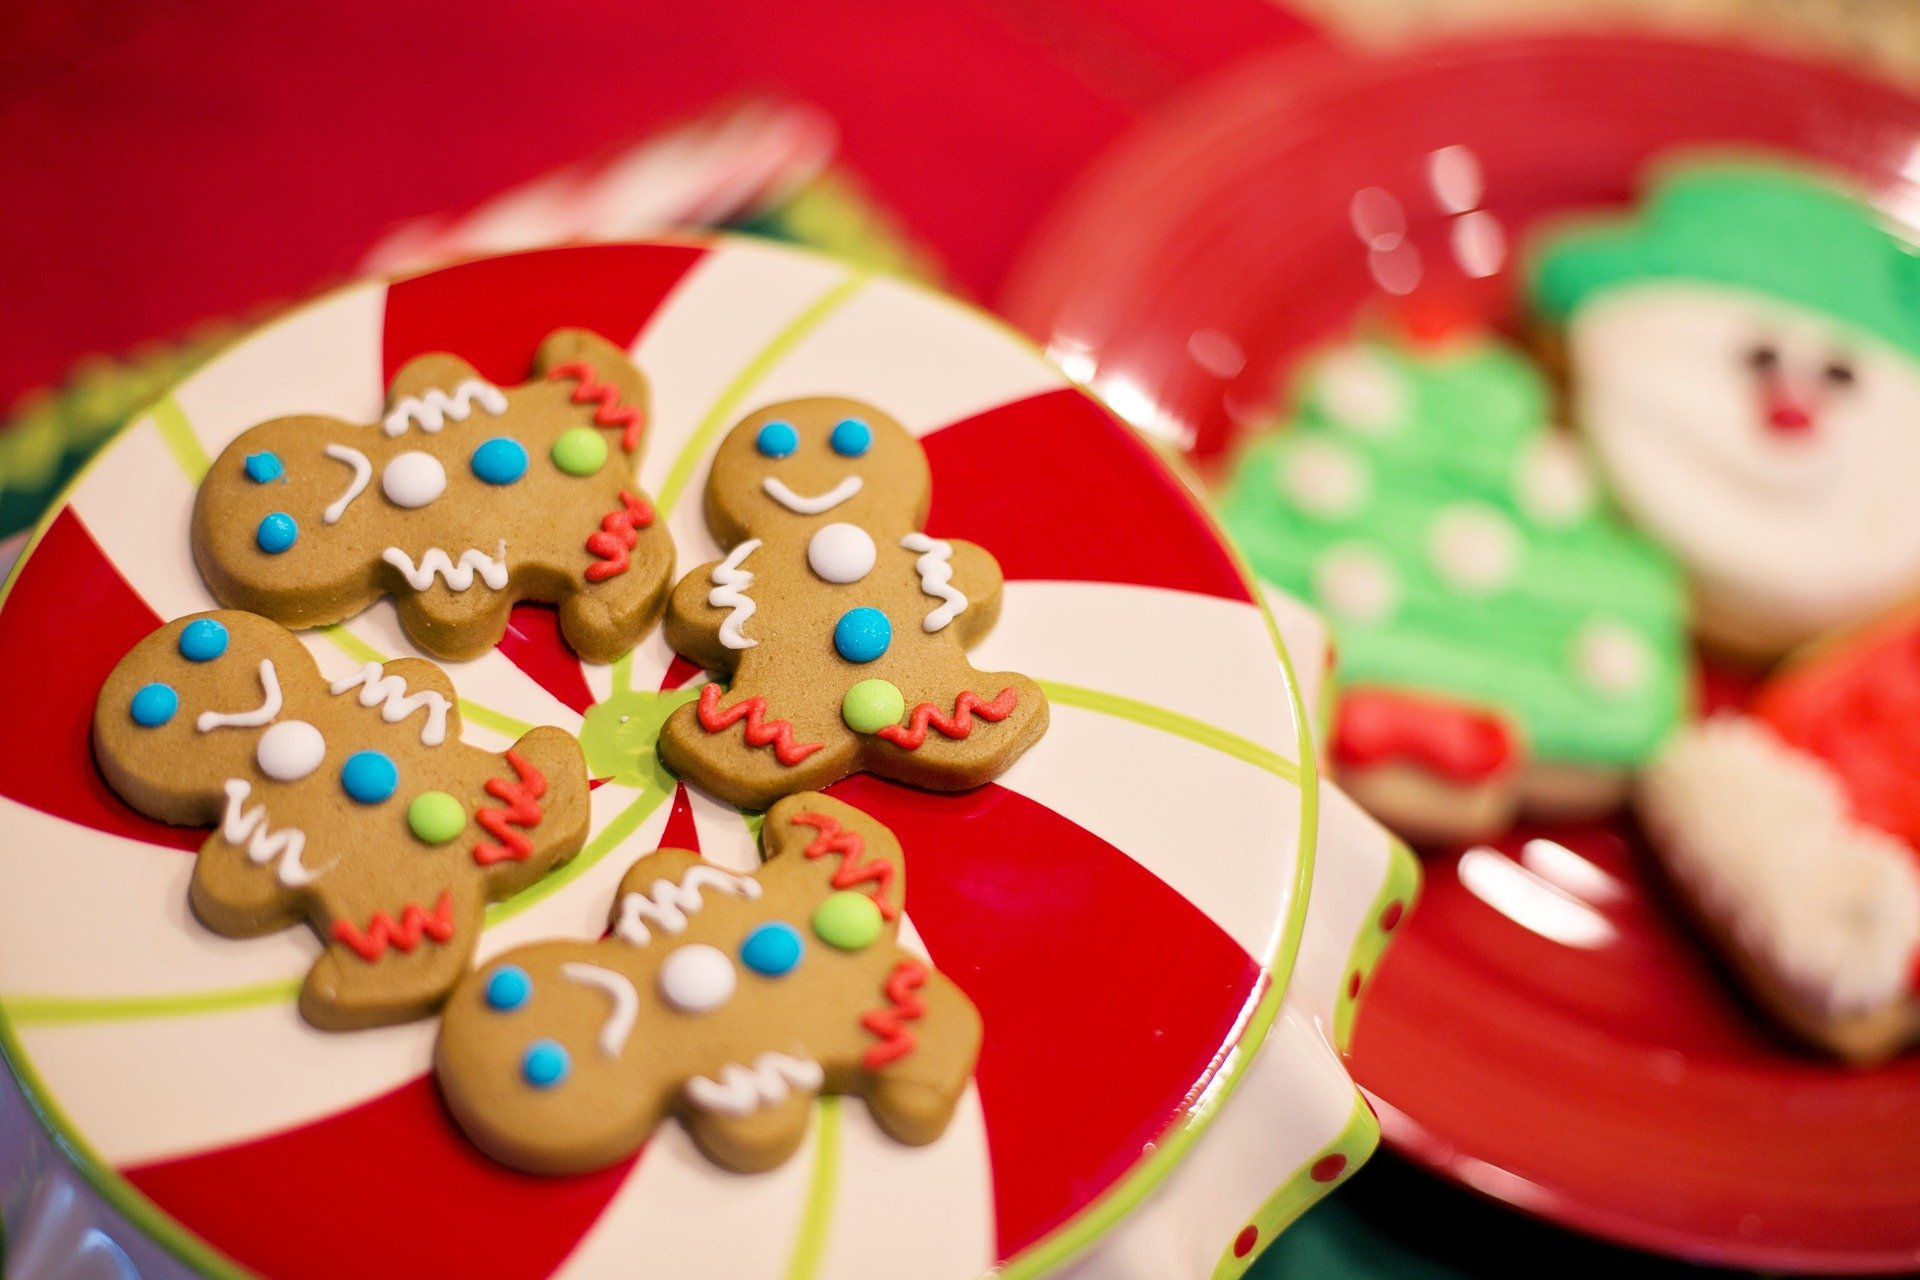 Ricette di Natale dal mondo: piatti tipici natalizi